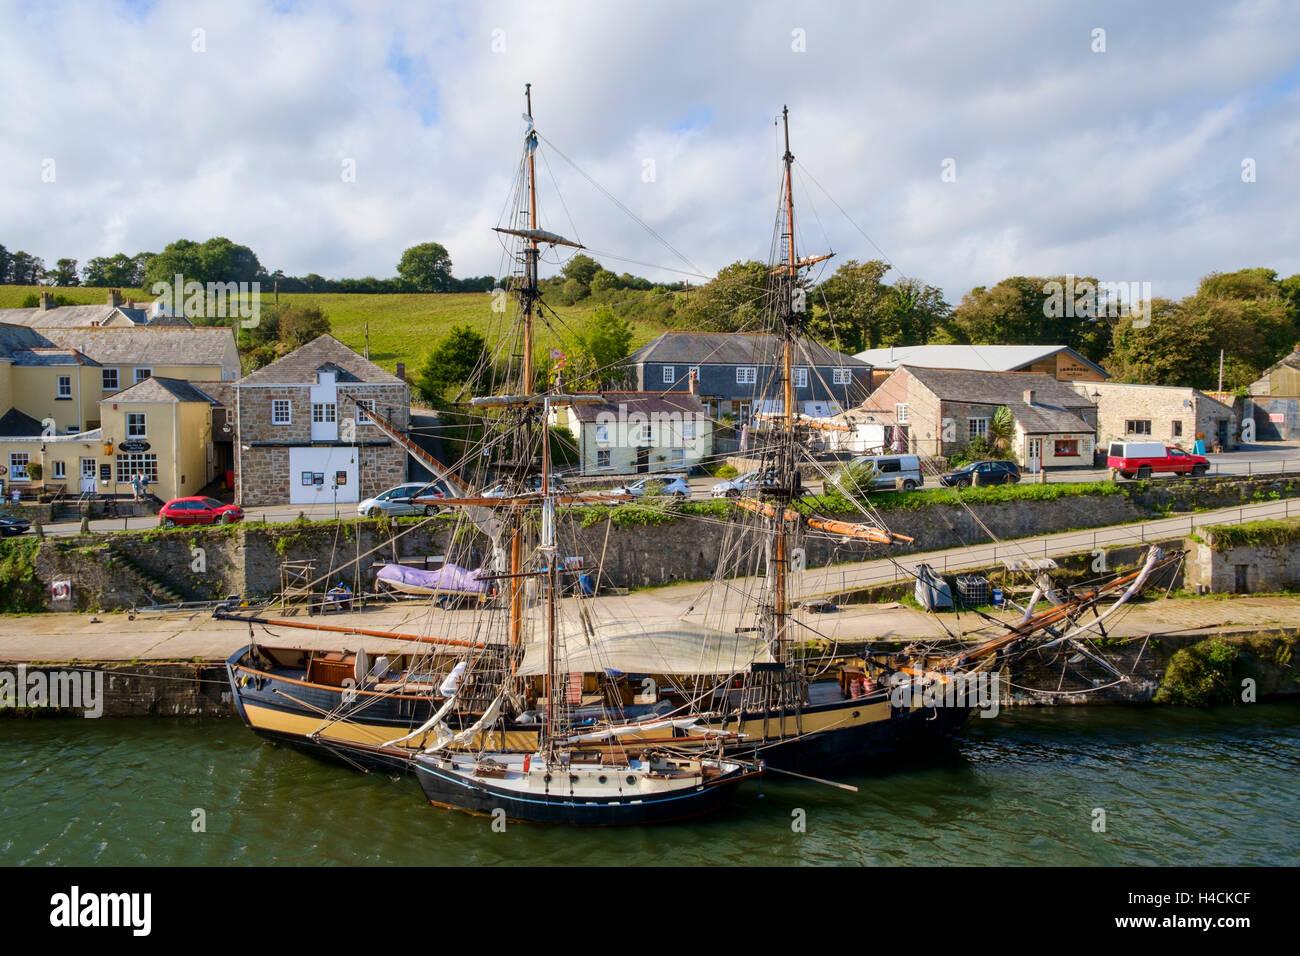 Segelschiffe vor Anker in Charlestown Dorf Hafen, Cornwall, England, UK Stockbild